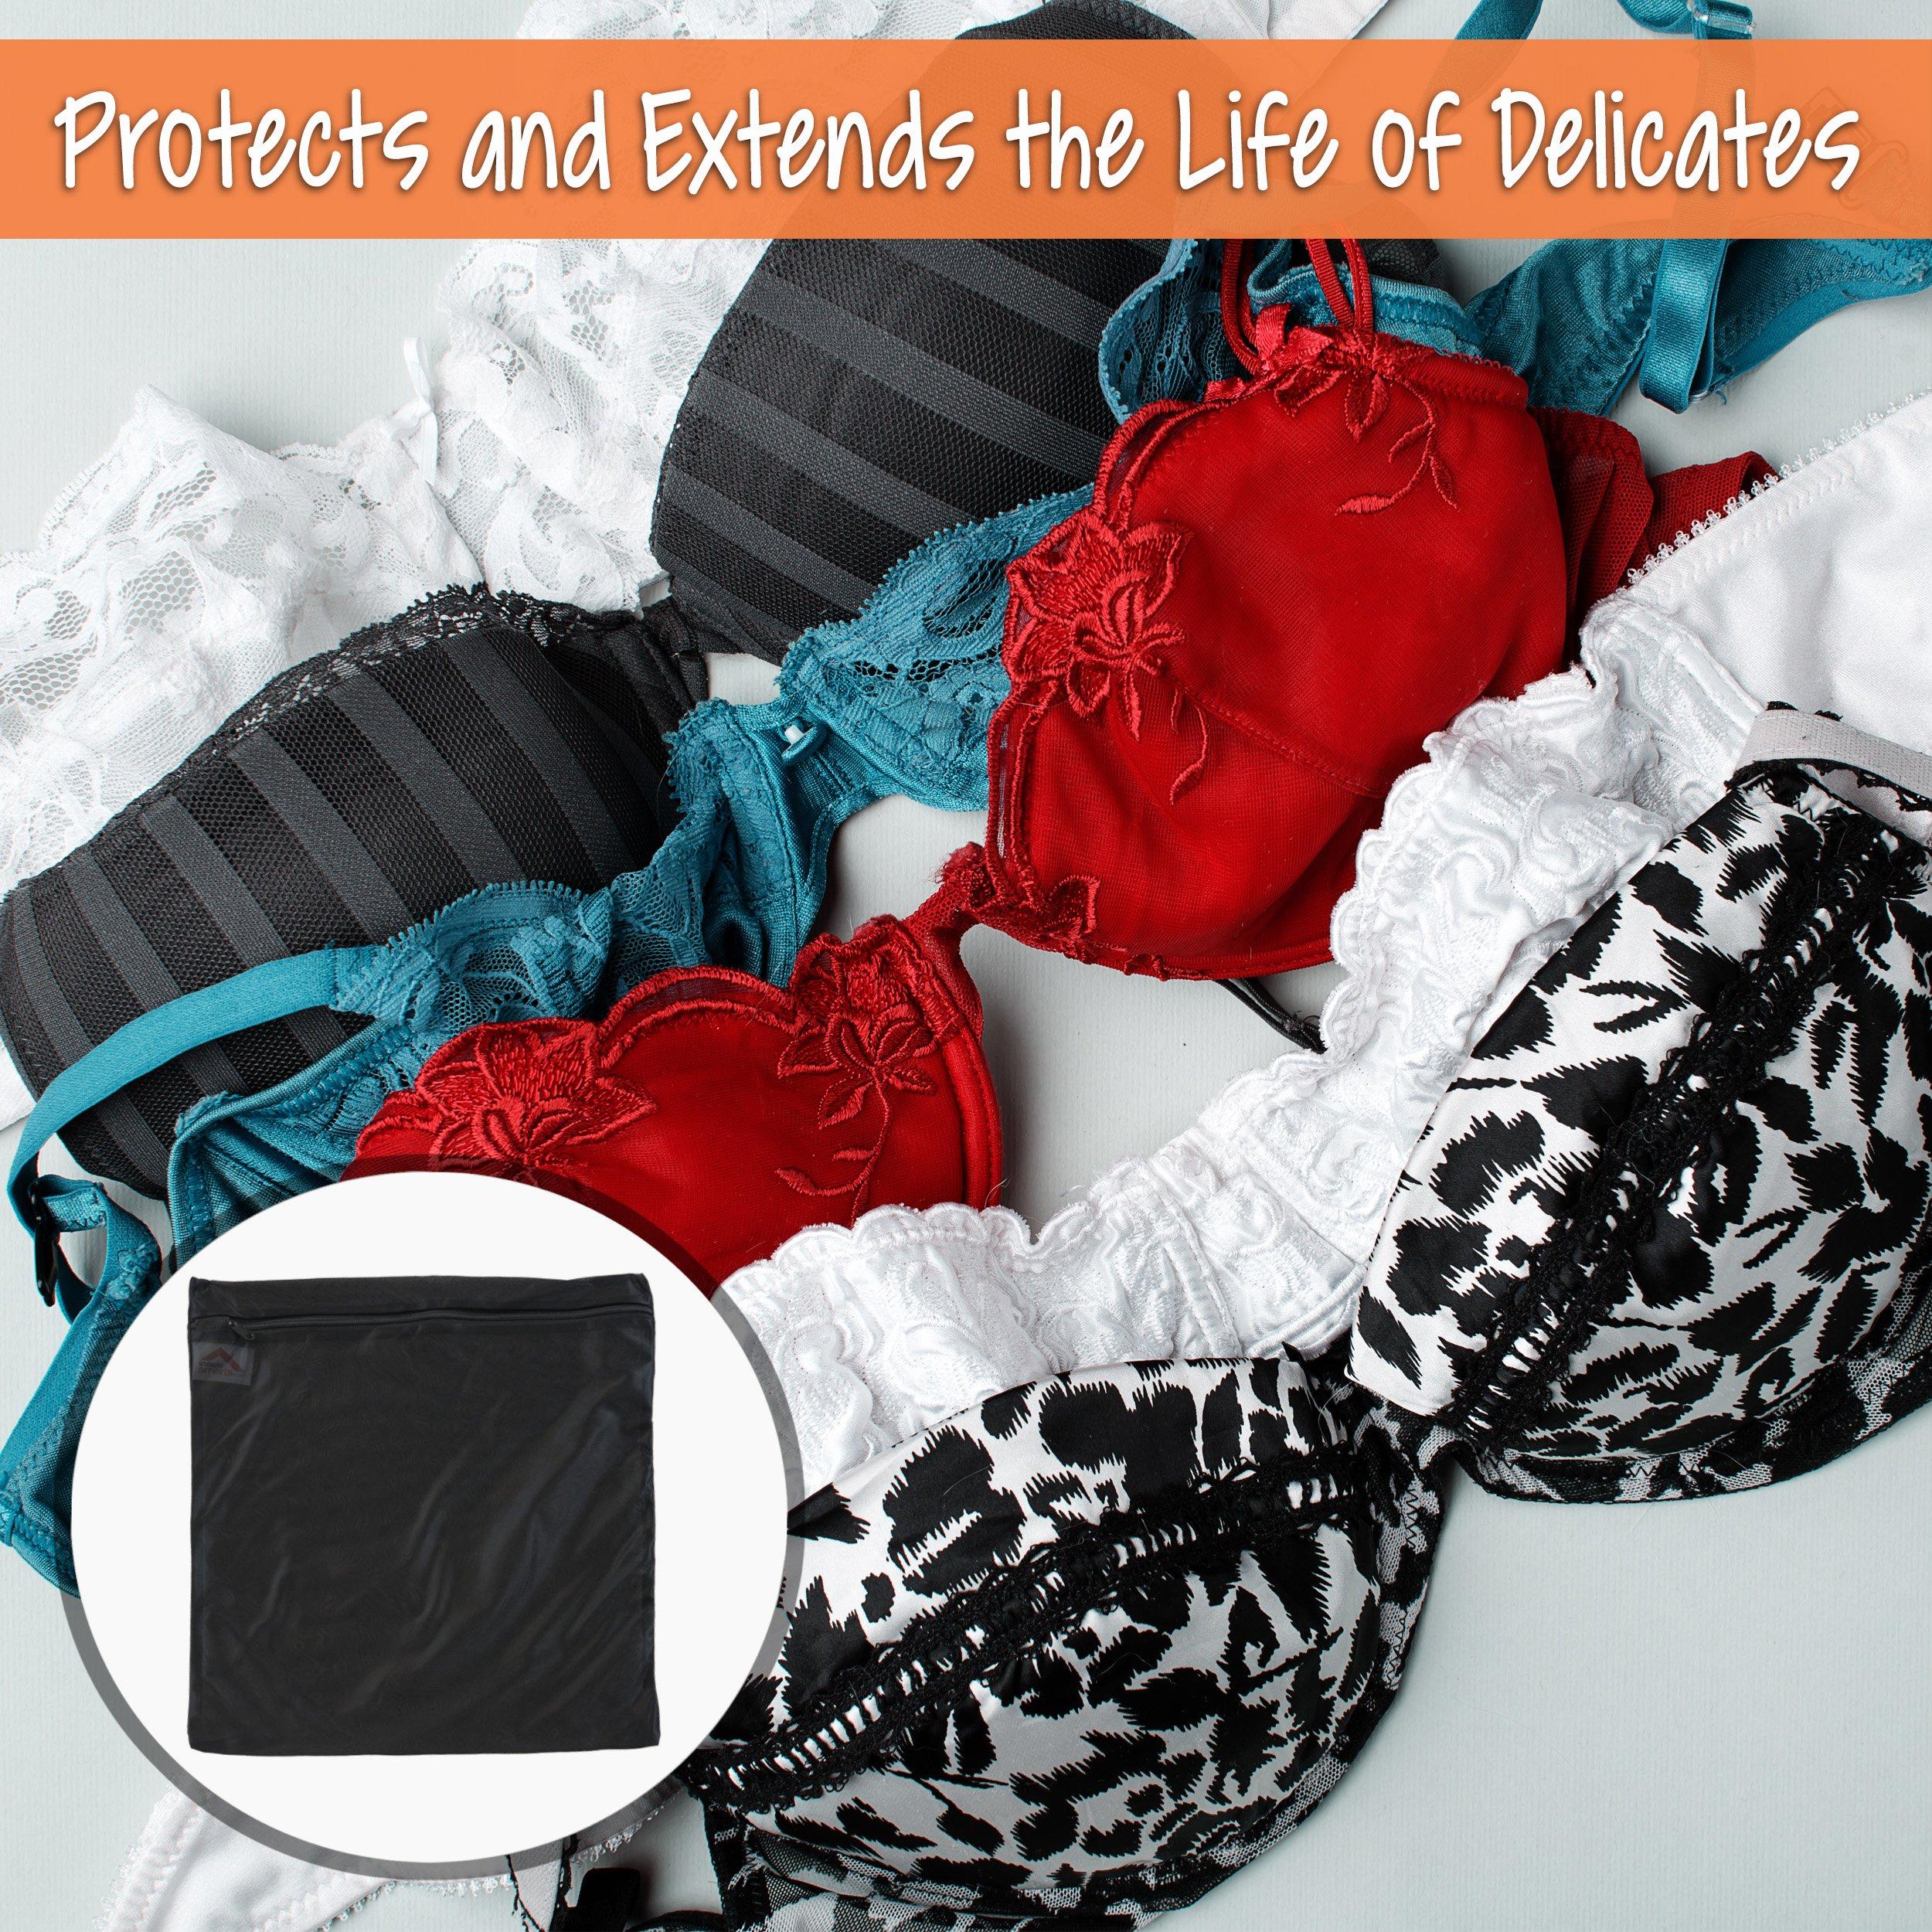 InsideSmarts Delicates Laundry Wash Bags, Set of 4 (2 Medium & 2 Large) by InsideSmarts (Image #6)